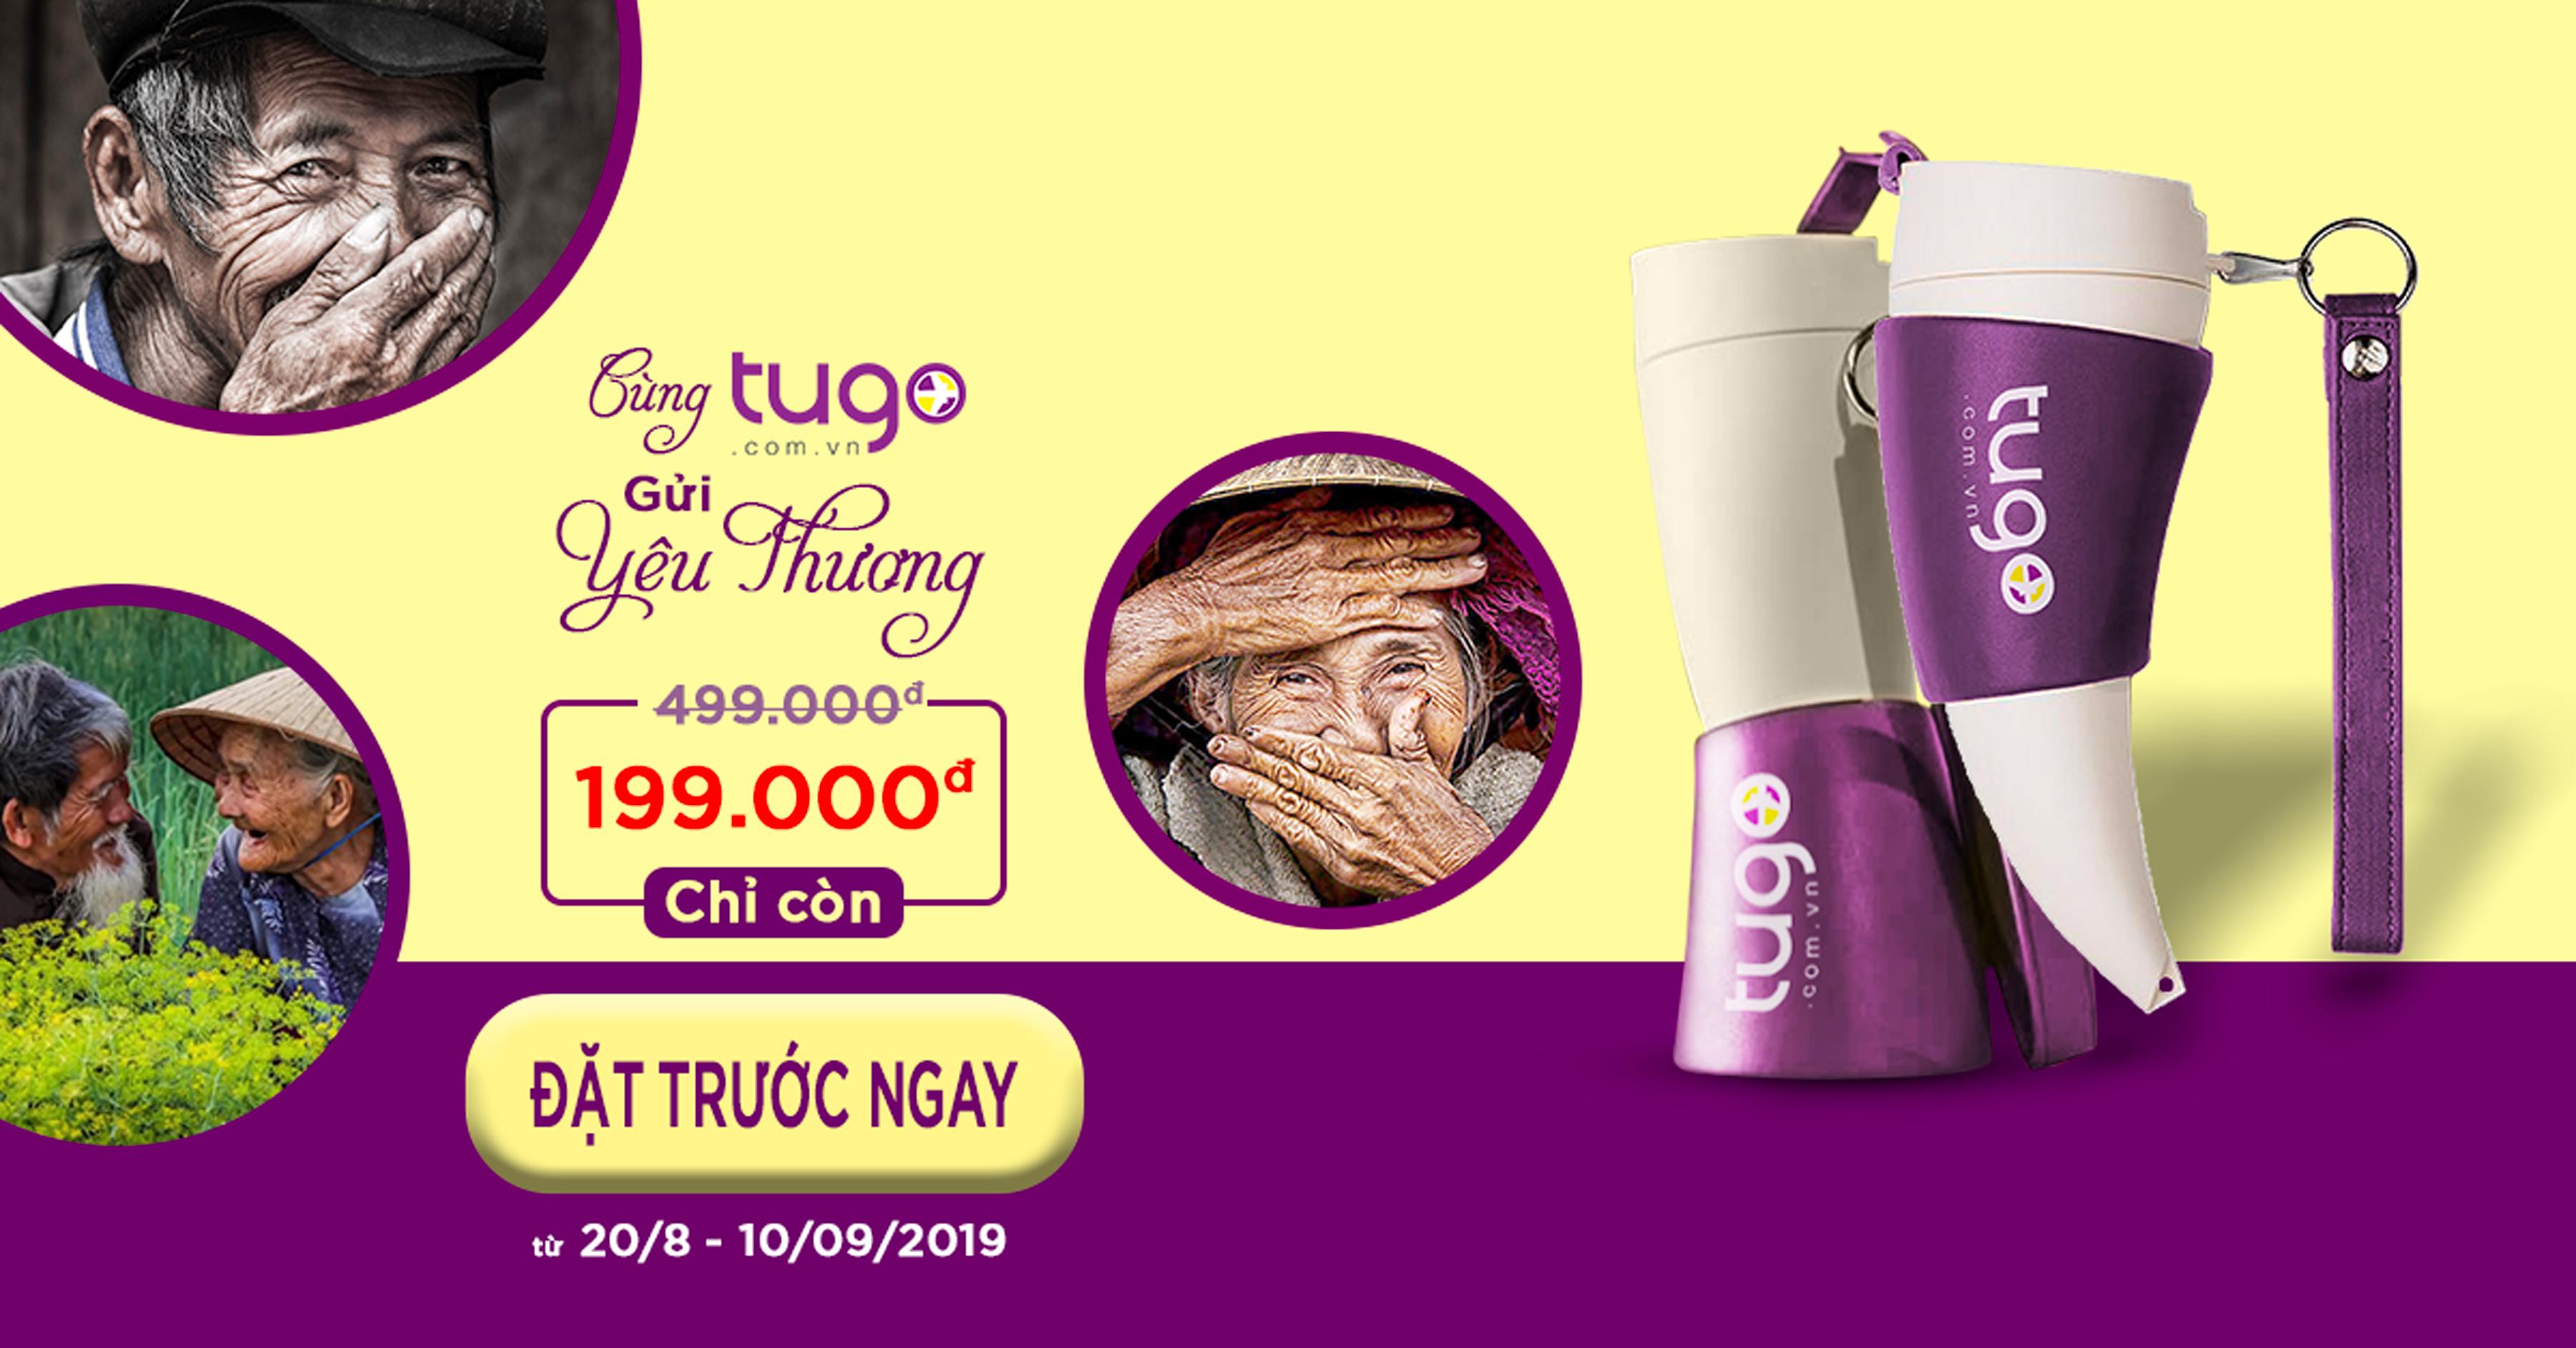 Preorder bình nước trao yêu thương cùng Tugo